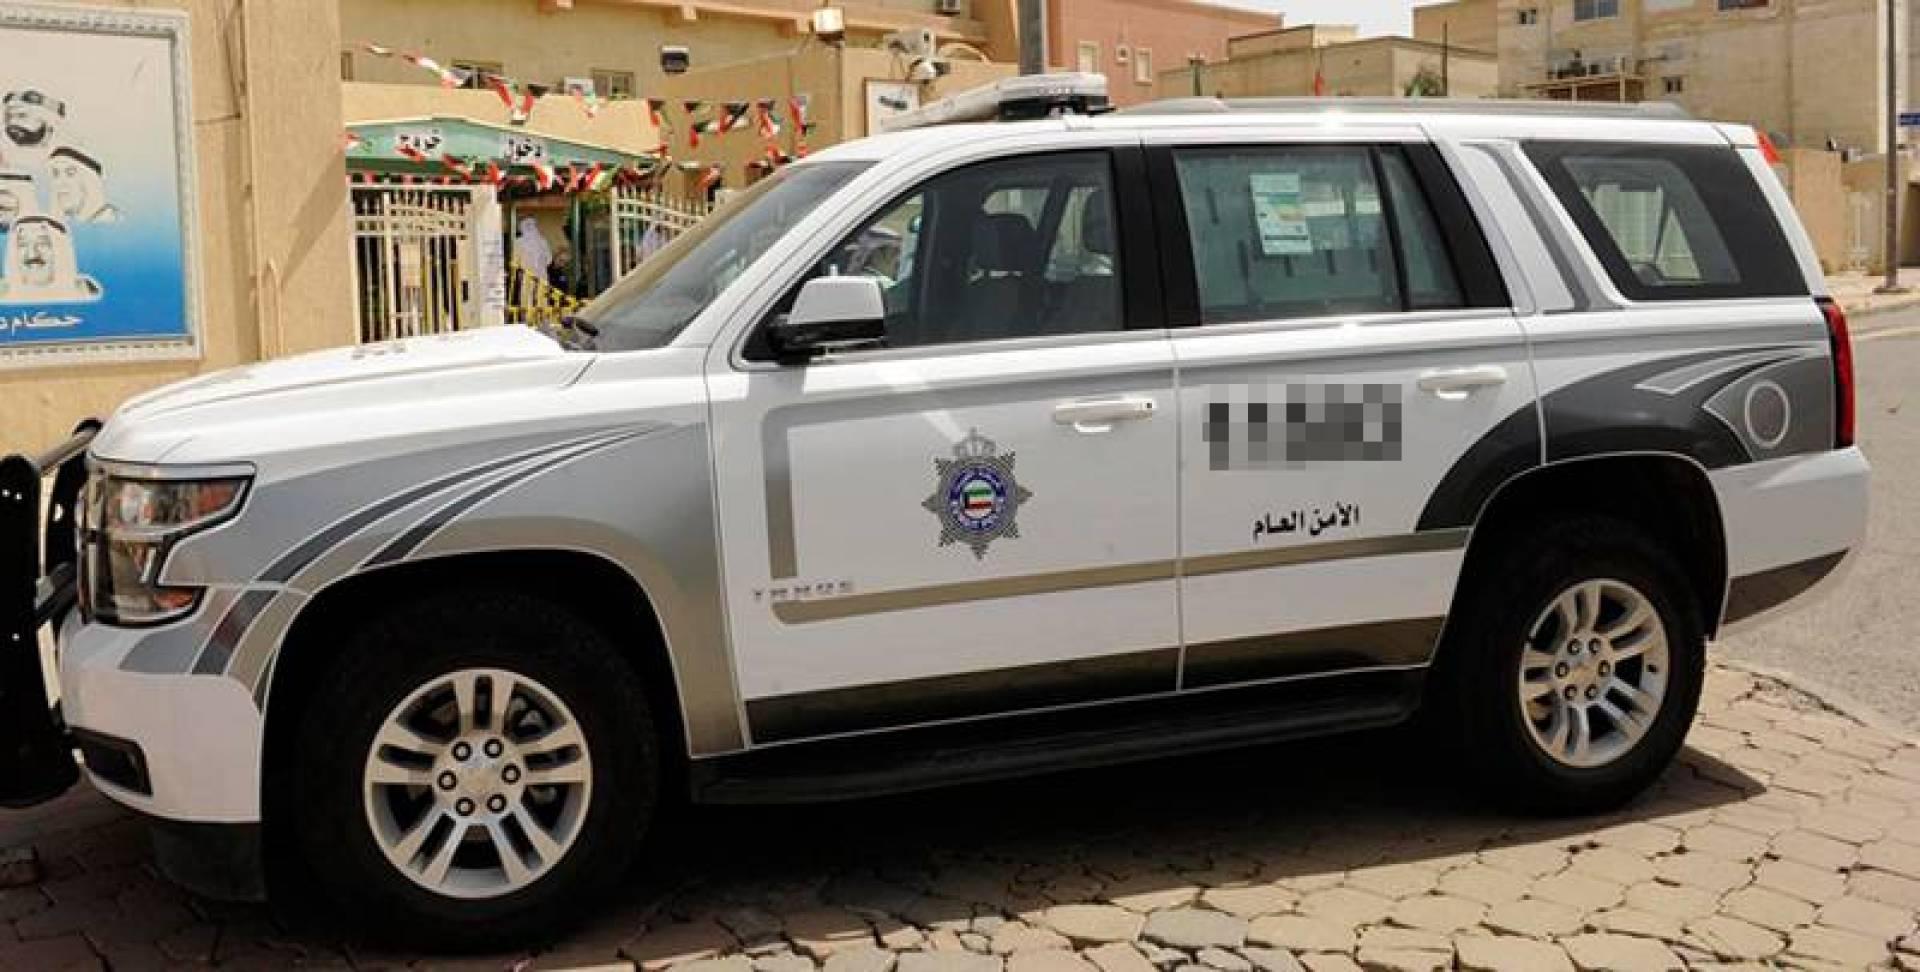 سحب دفاتر المخالفات المرورية من الأمن العام